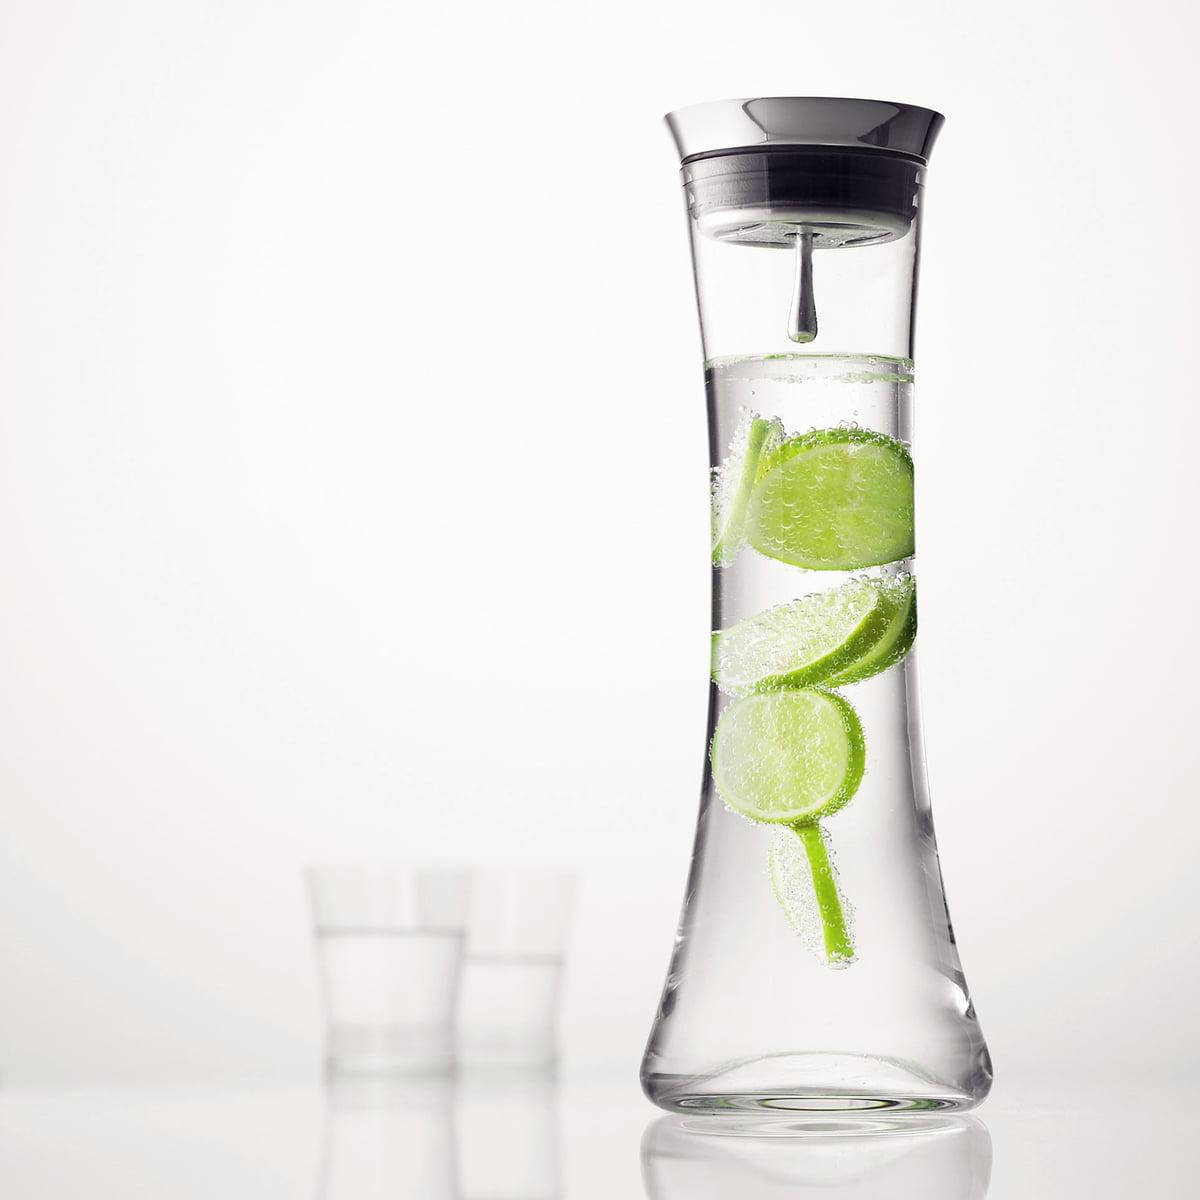 menu water jug with stainless steel lid - menu  water jug stainless steel lid